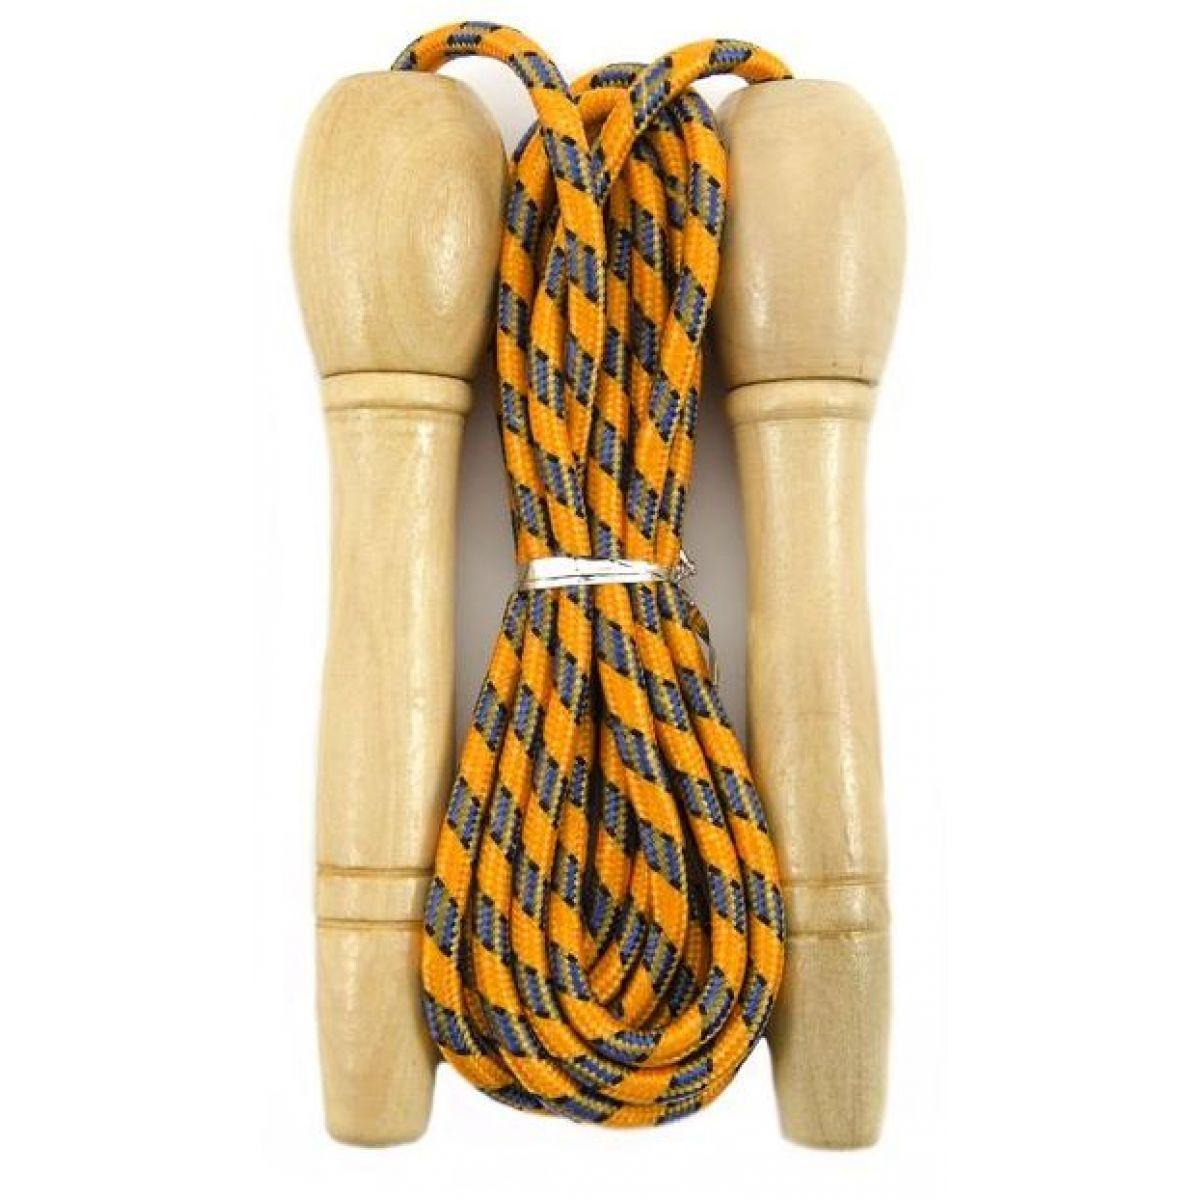 Švihadlo 270 cm s dřevěnou rukojetí nastavitelné oranžové